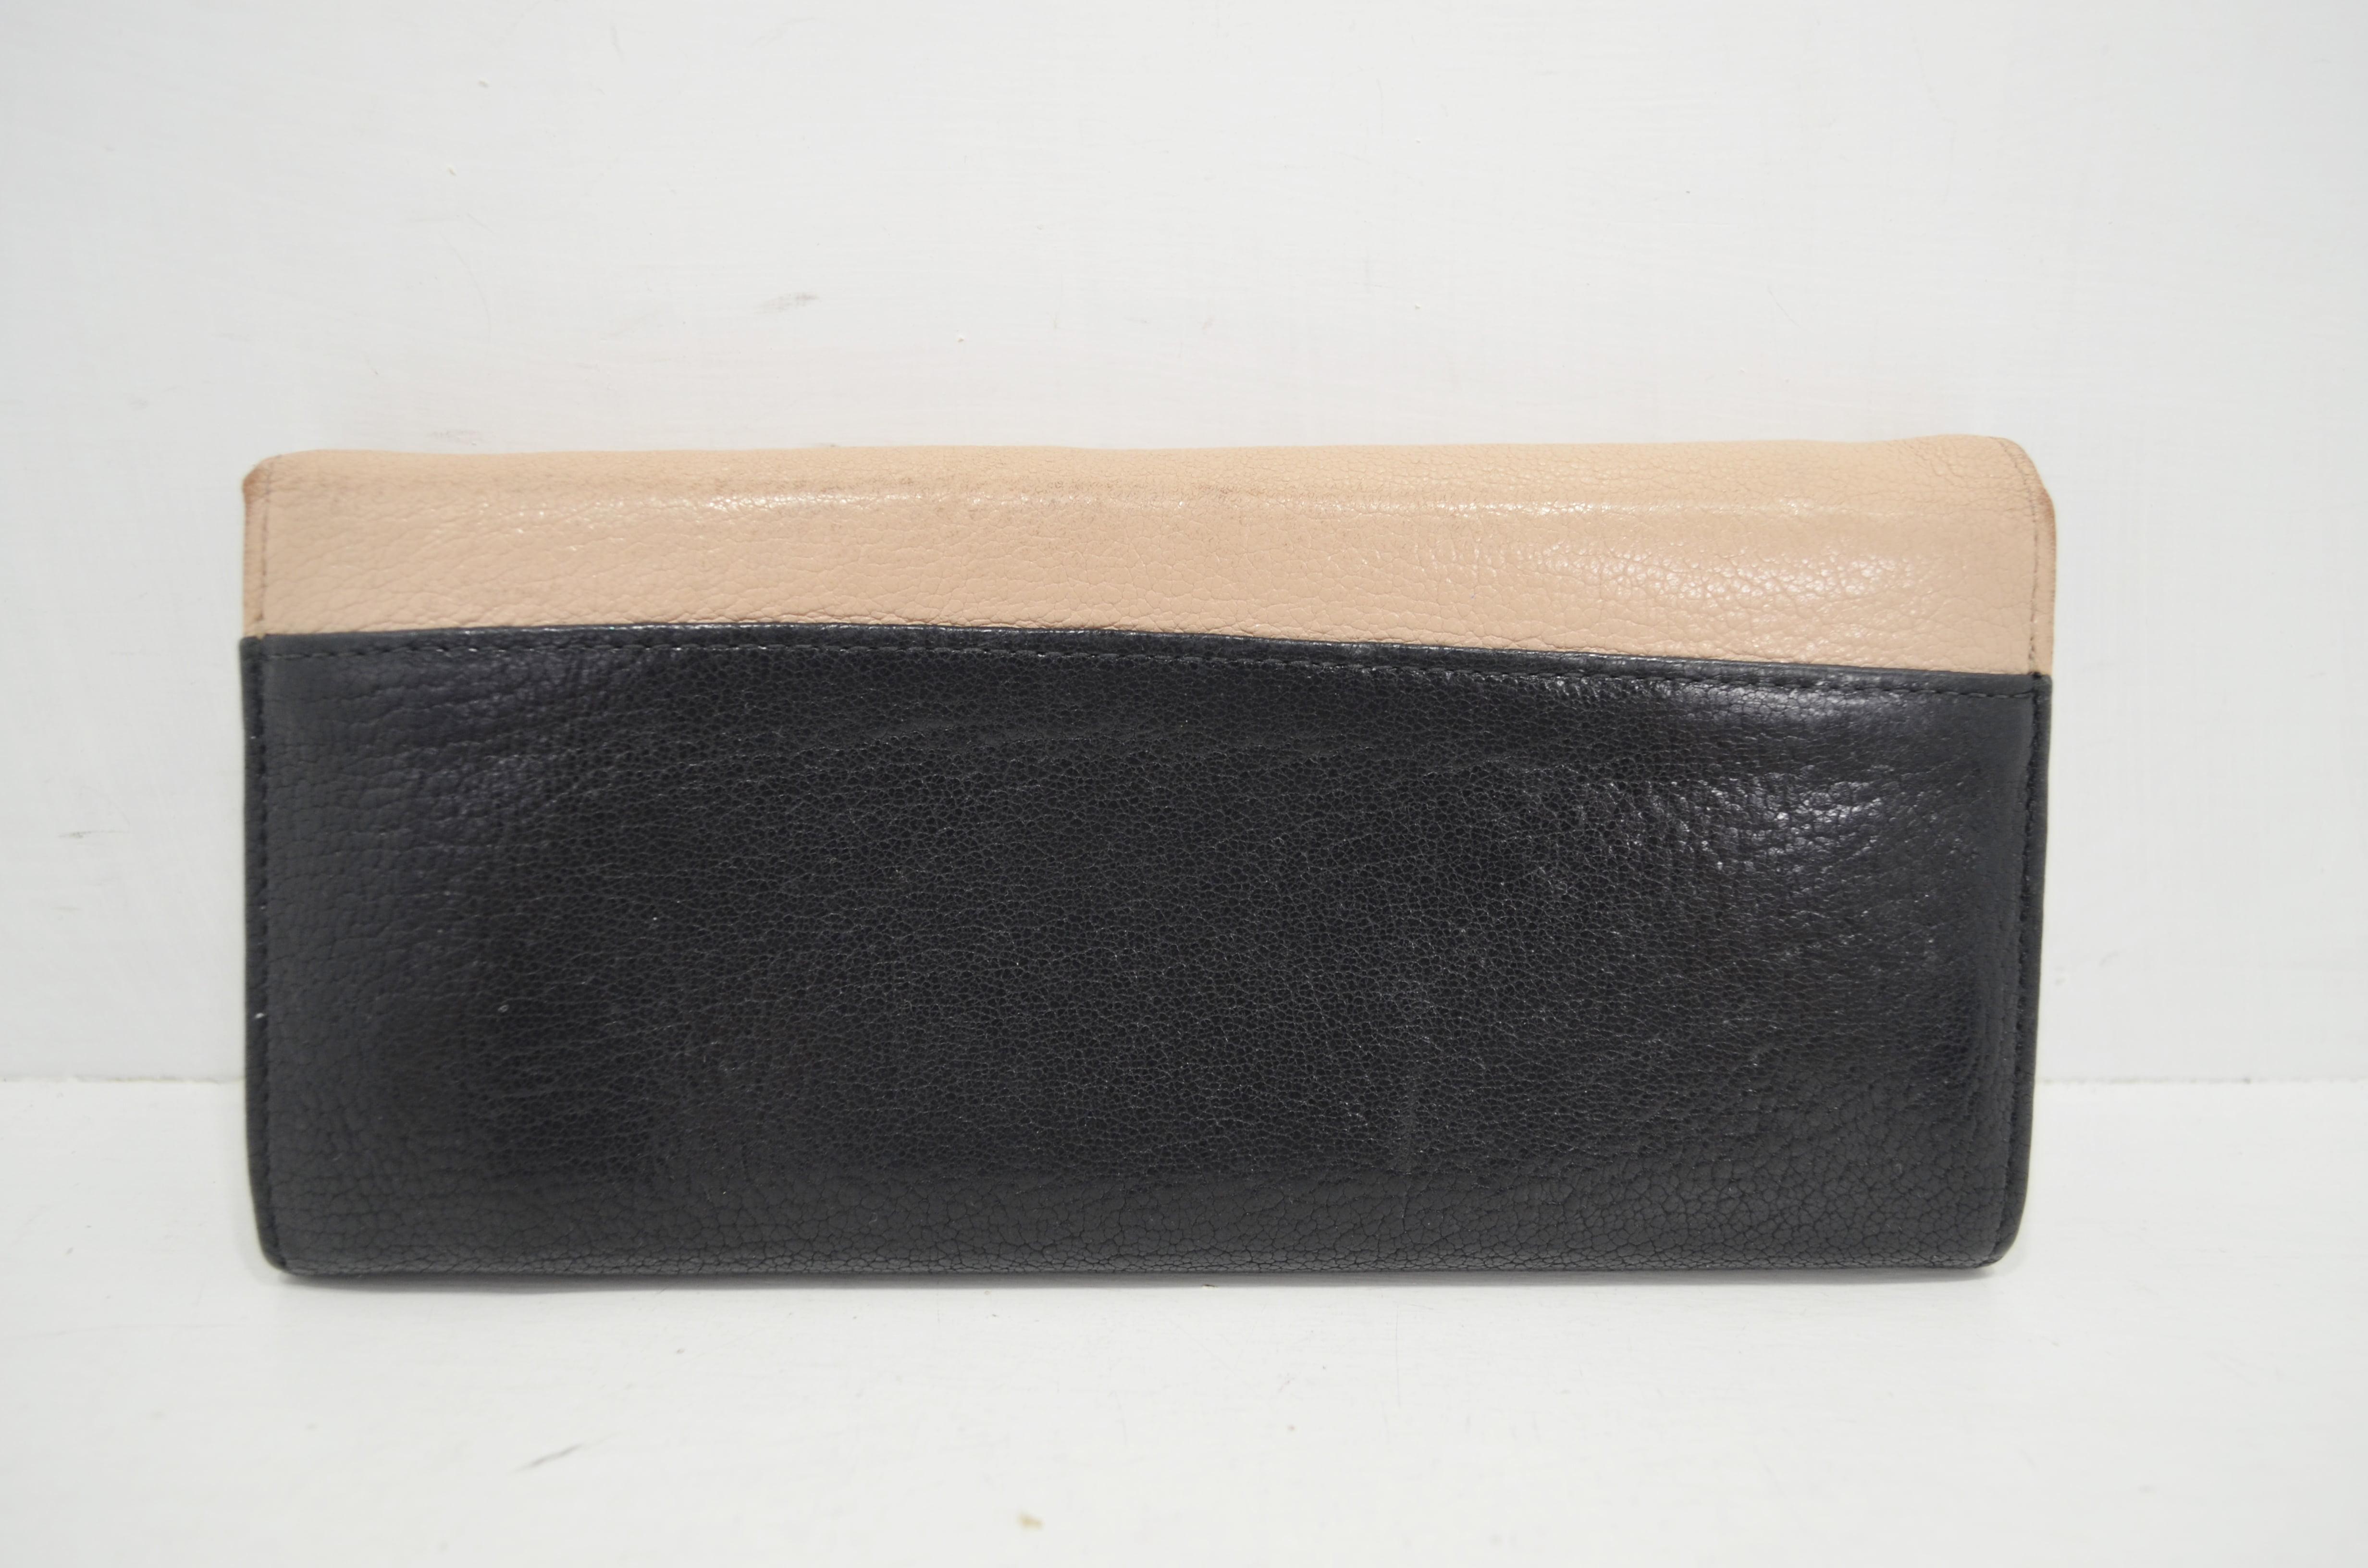 ミュウミュウの財布クリーニング背面